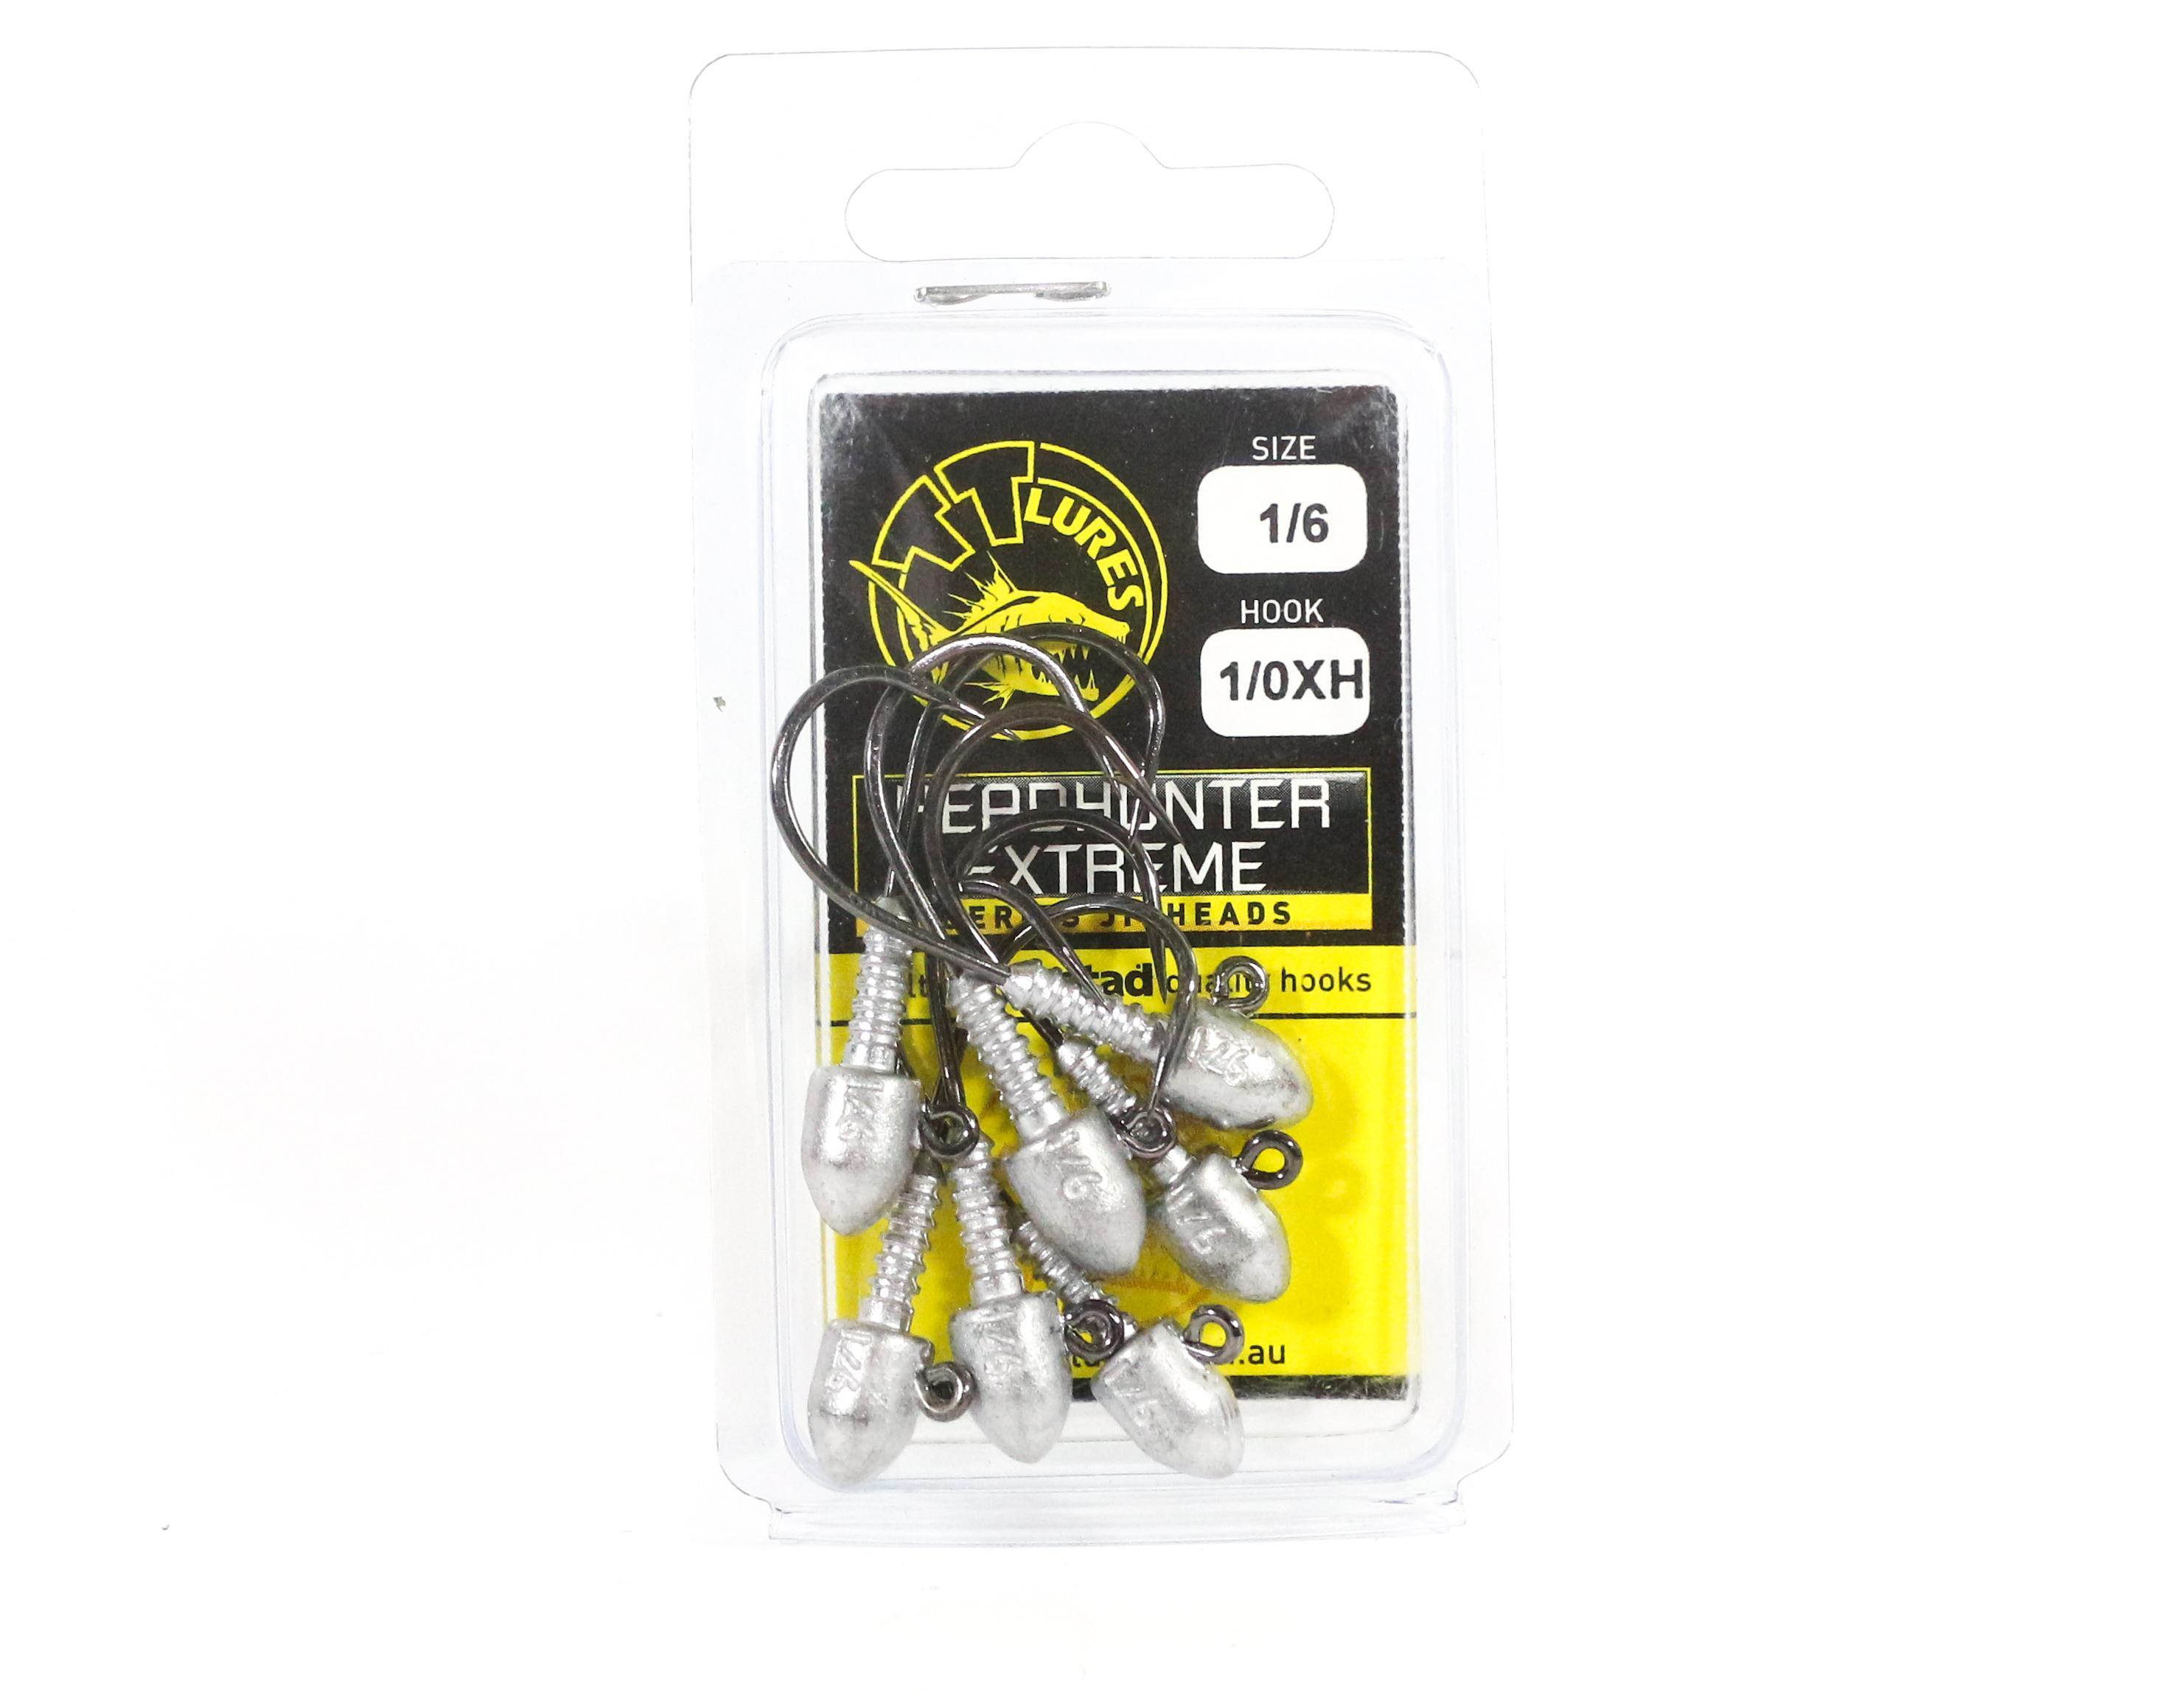 Tackle Tactics TT Head Hunter Extreme Jig Head 1/6 oz 1/0 XH 7 per pack (1487)